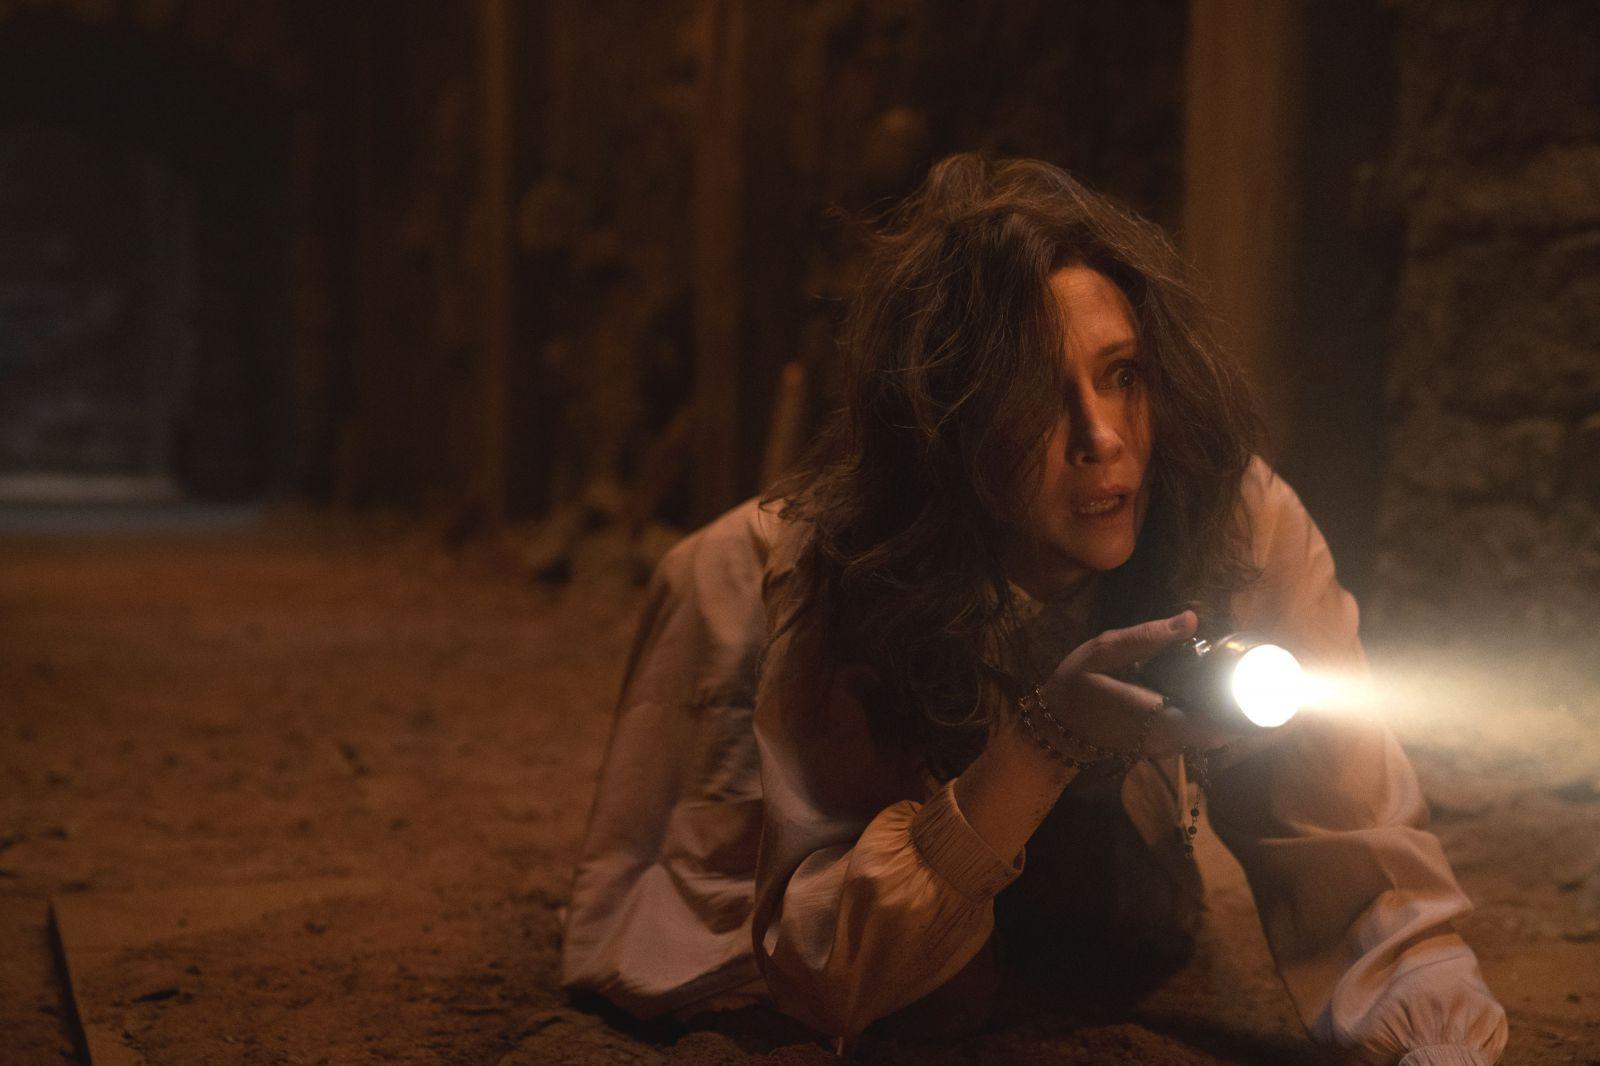 Вера Фармига в роли Лоррейн Уоррен на кадре из фильма «Заклятие 3: По воле дьявола»